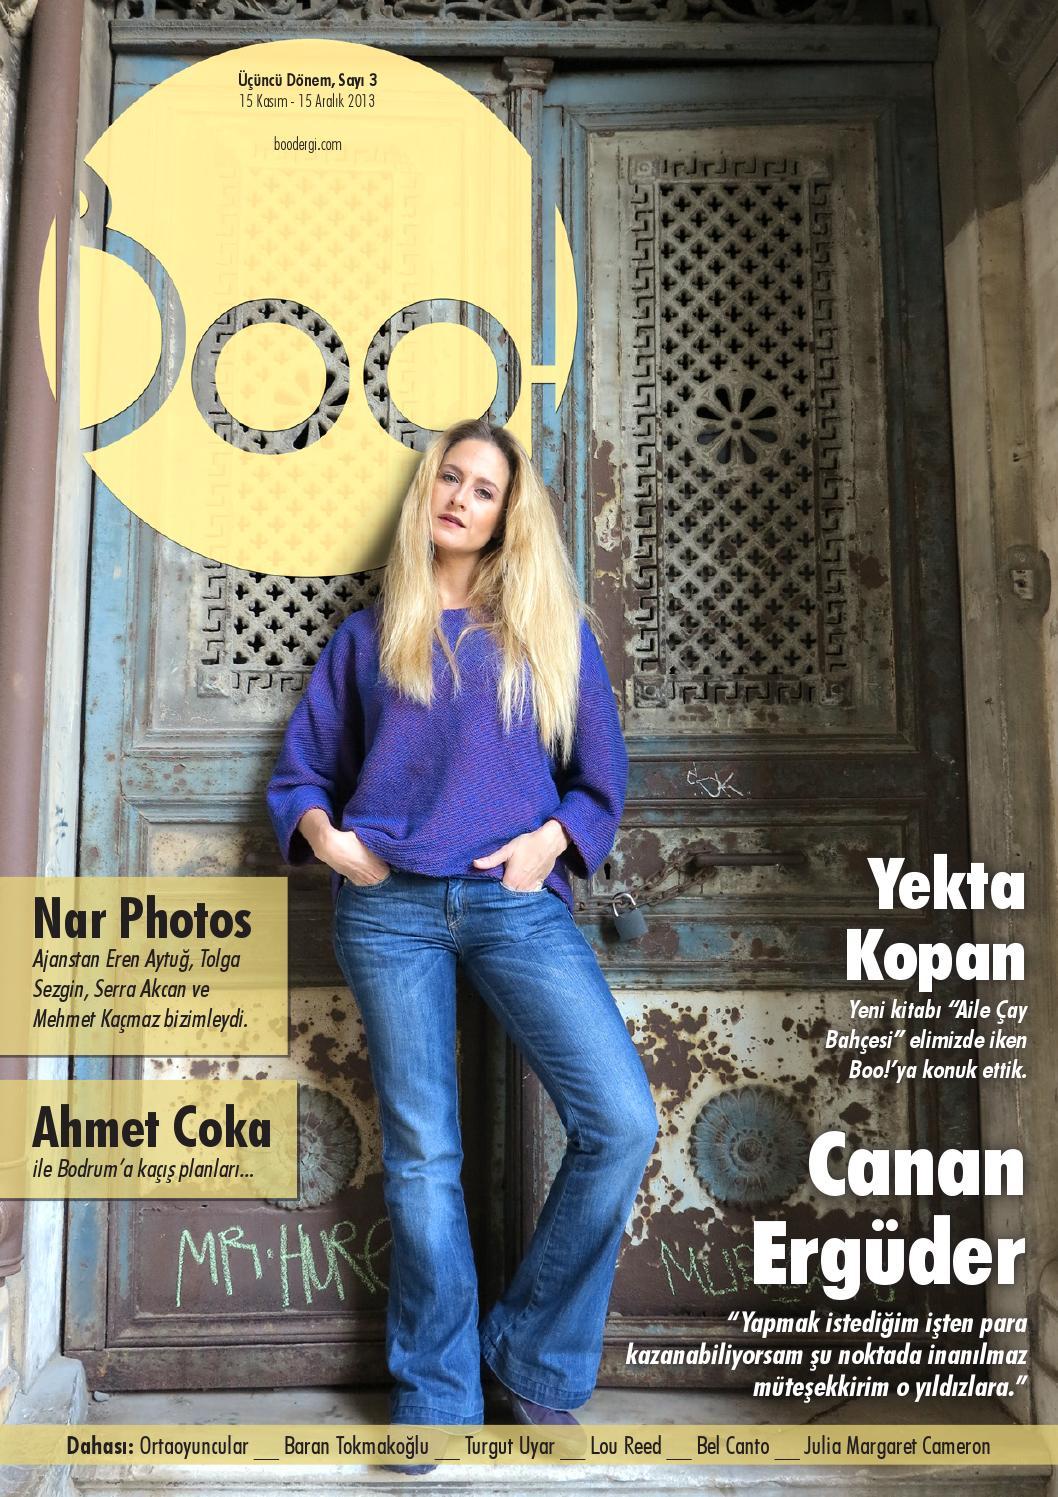 9ac32d5b0c500 Boo! Üçüncü Dönem, Sayı 3 (Canan Ergüder) by Boo! Dergisi - issuu